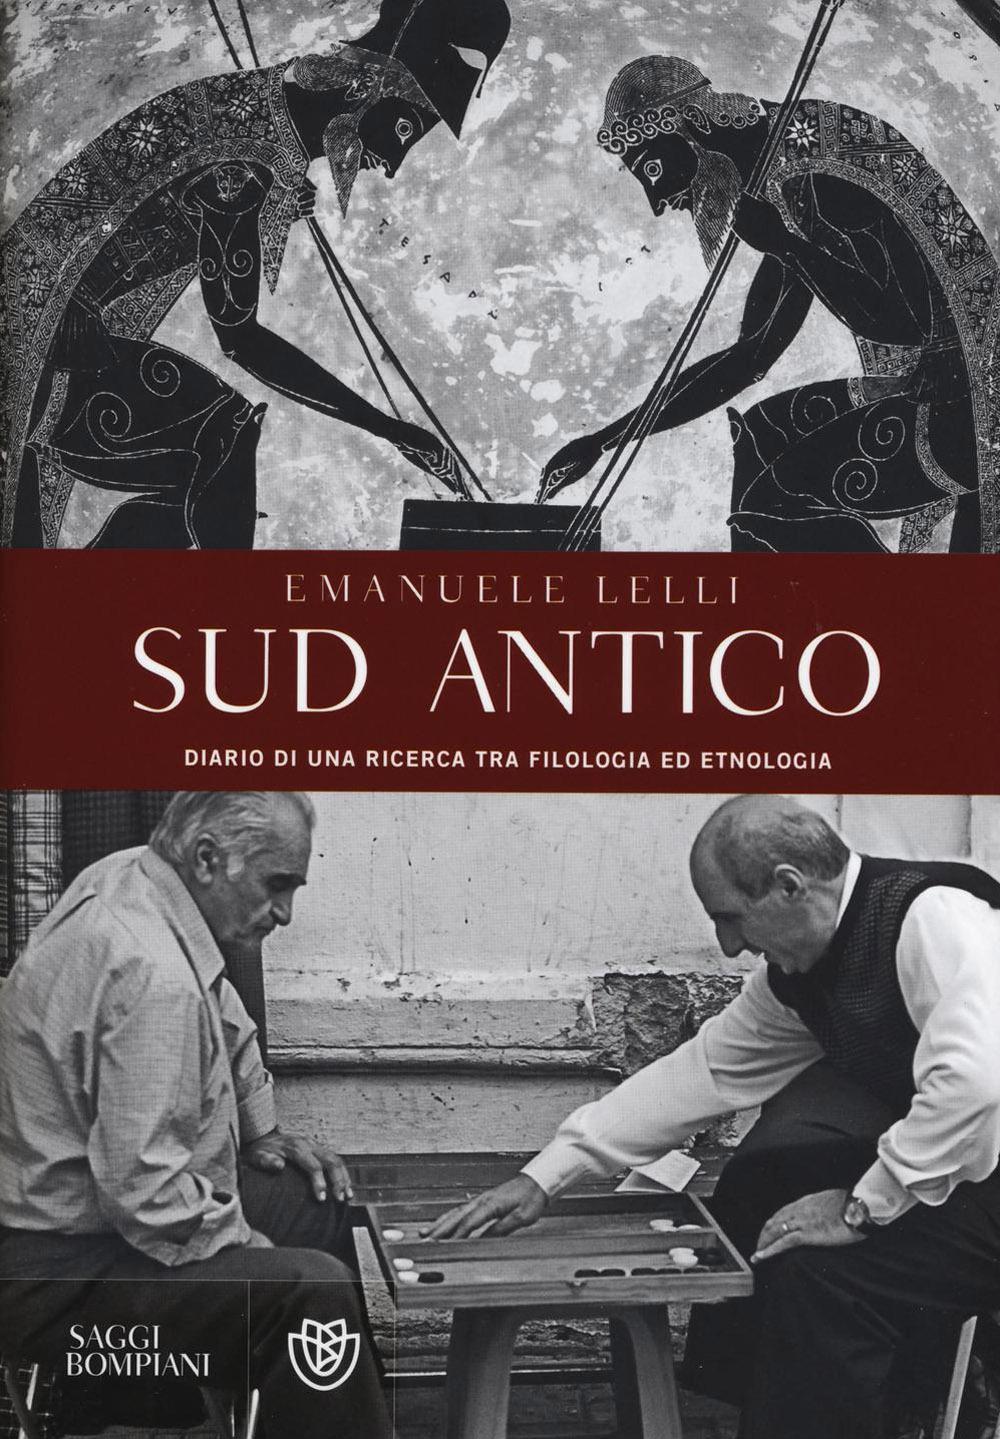 Sud antico. Diario di una ricerca tra filologia ed etnologia.